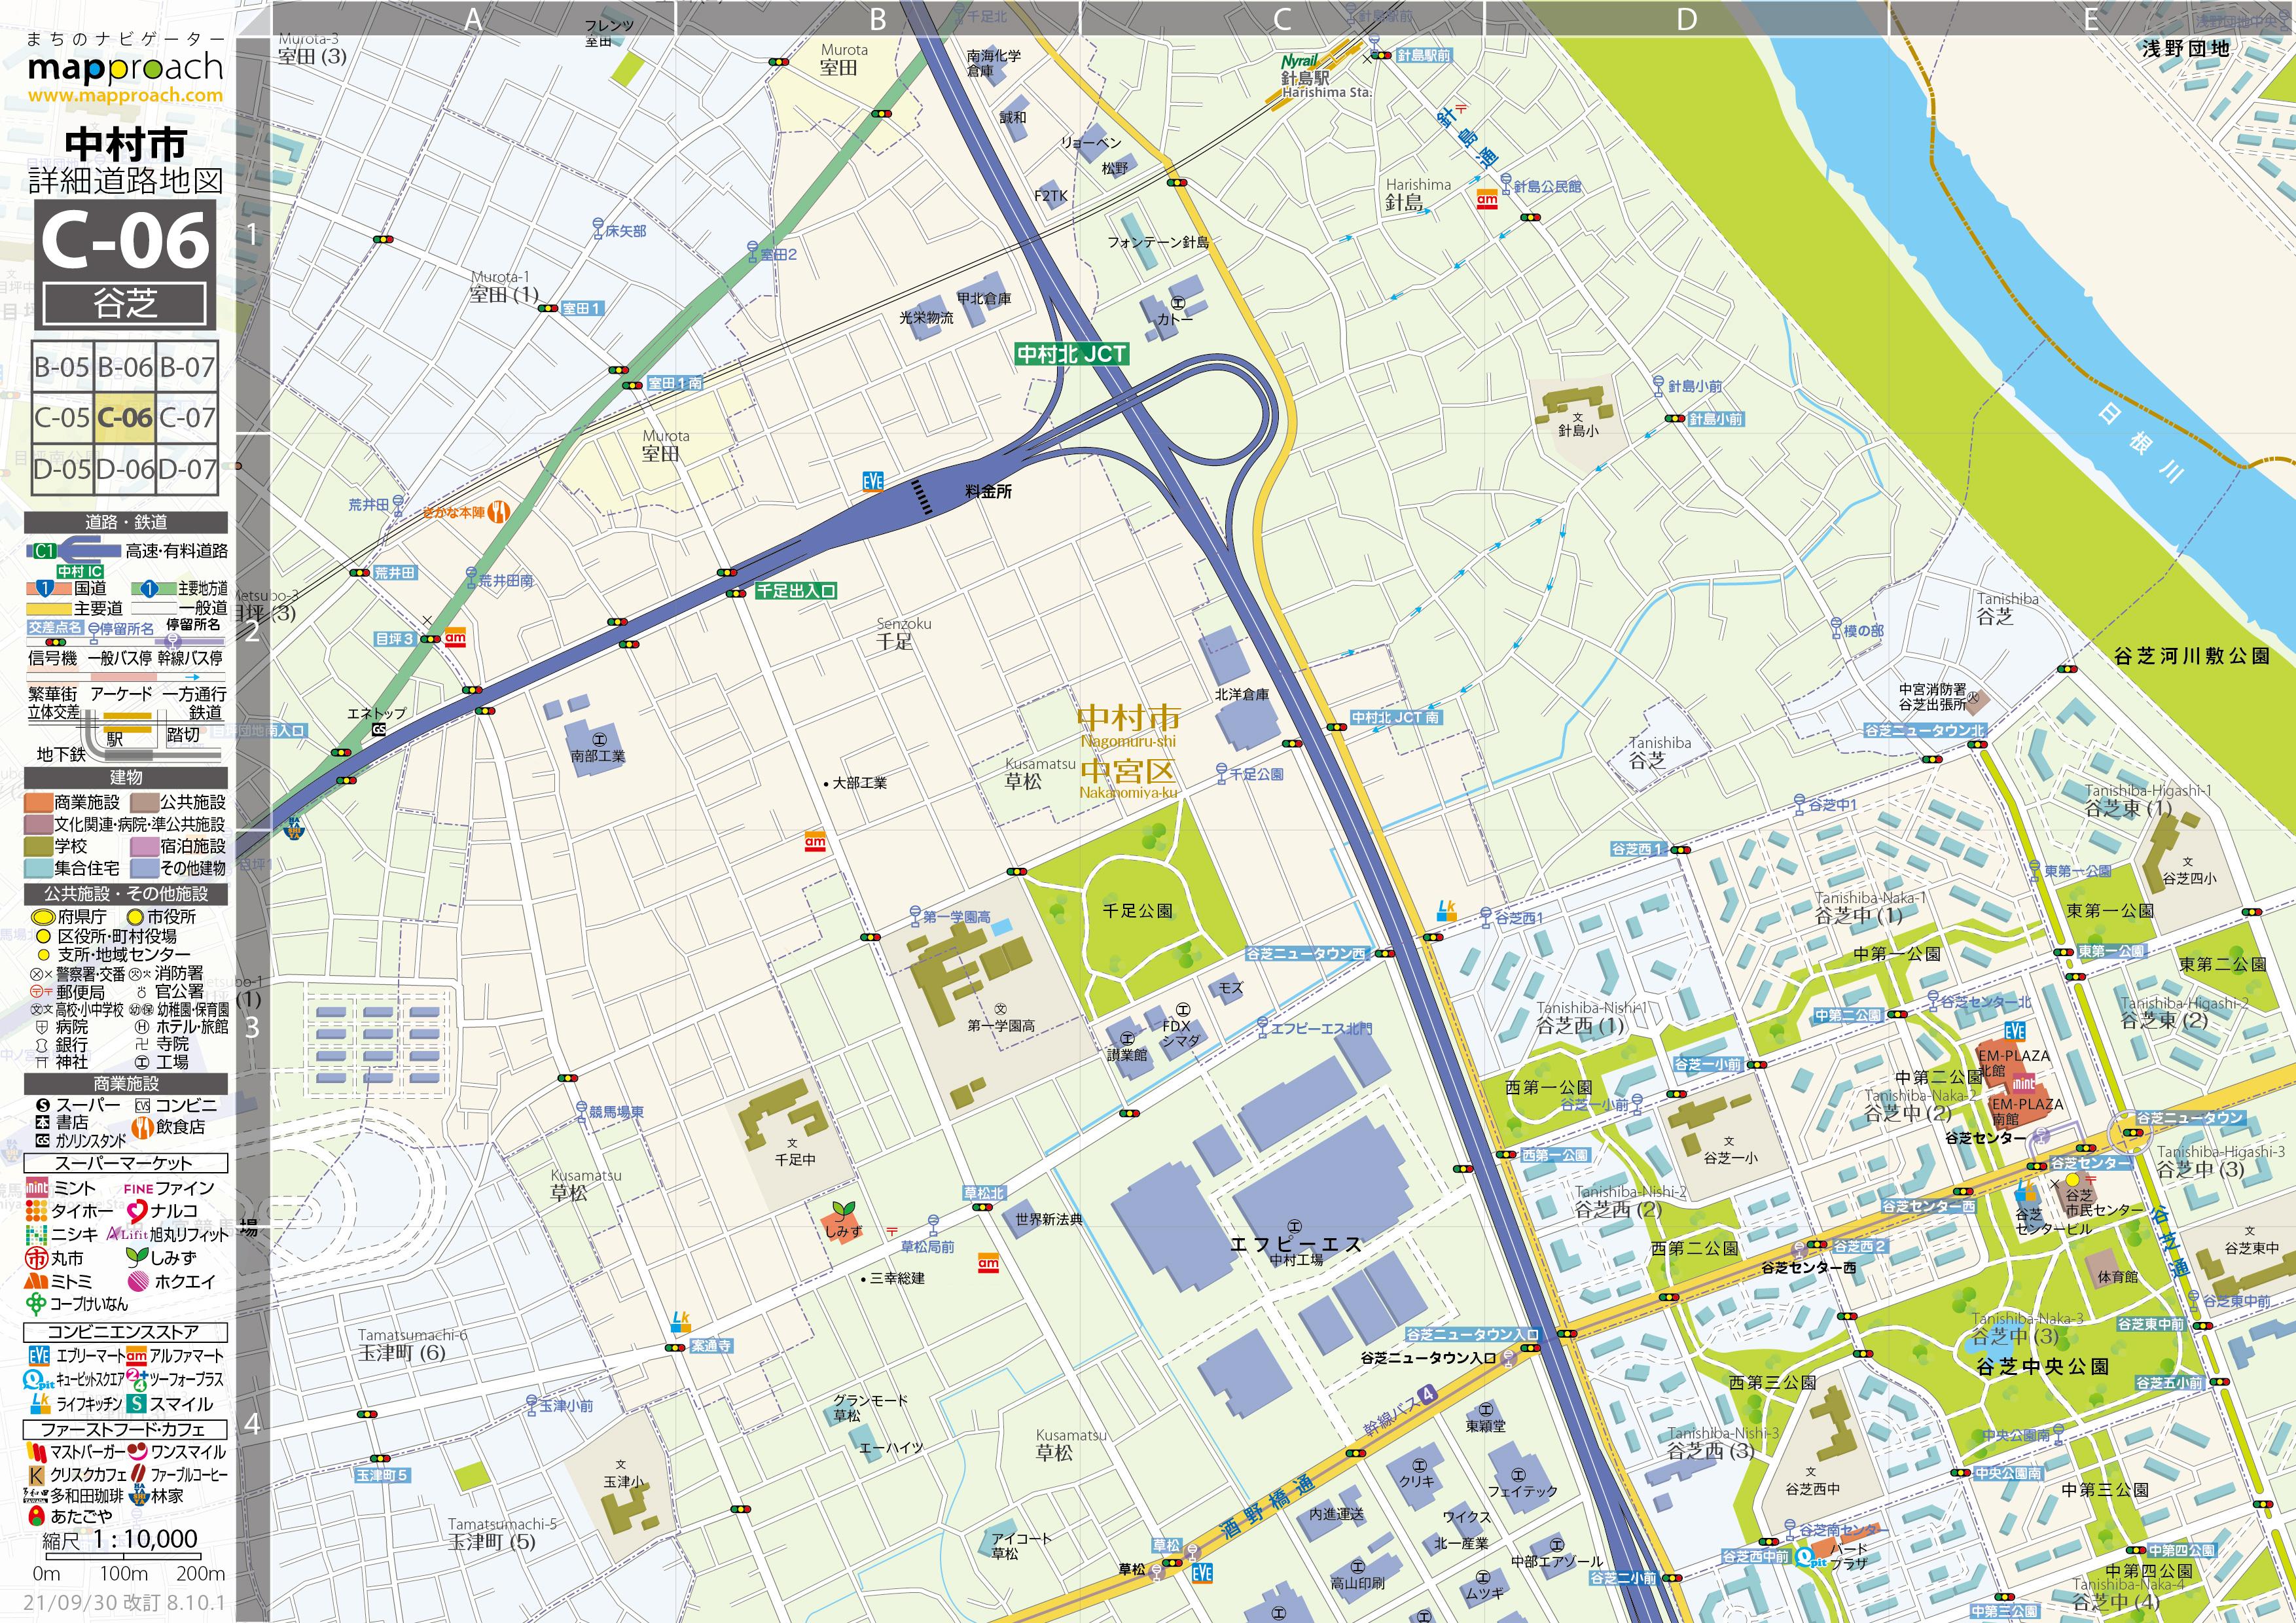 C-06 谷芝 地図拡大